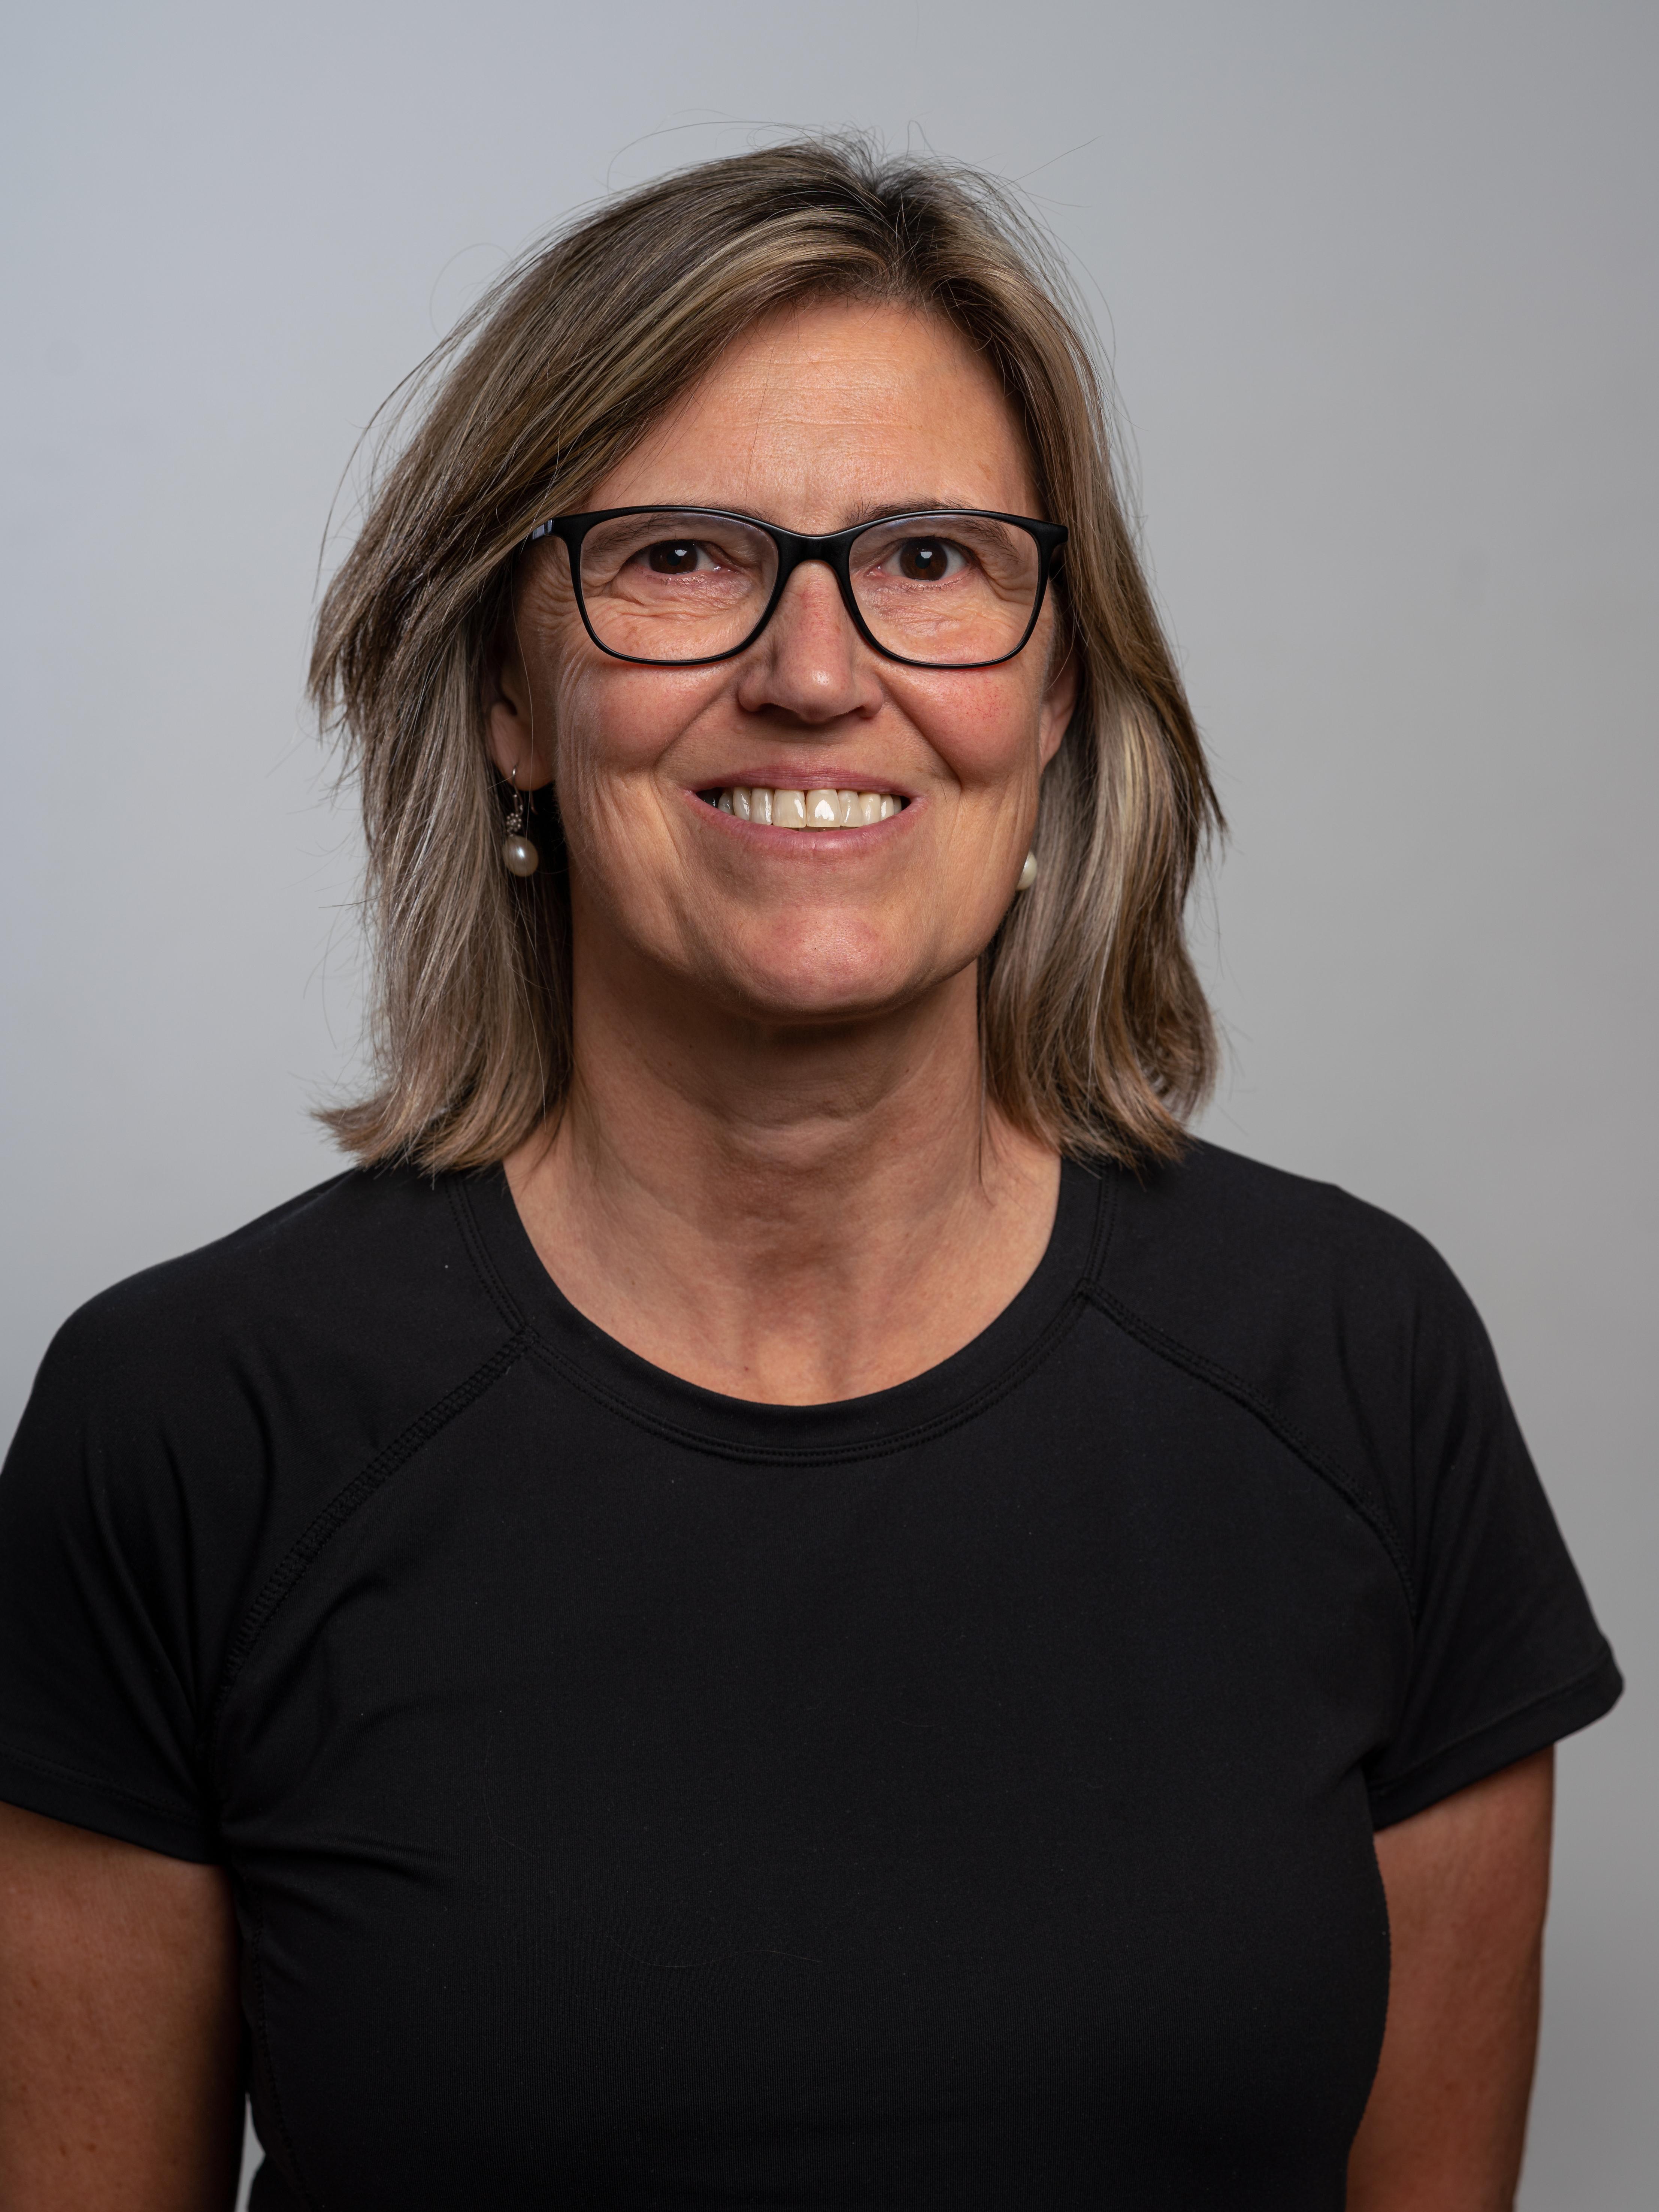 Hanne Meyer